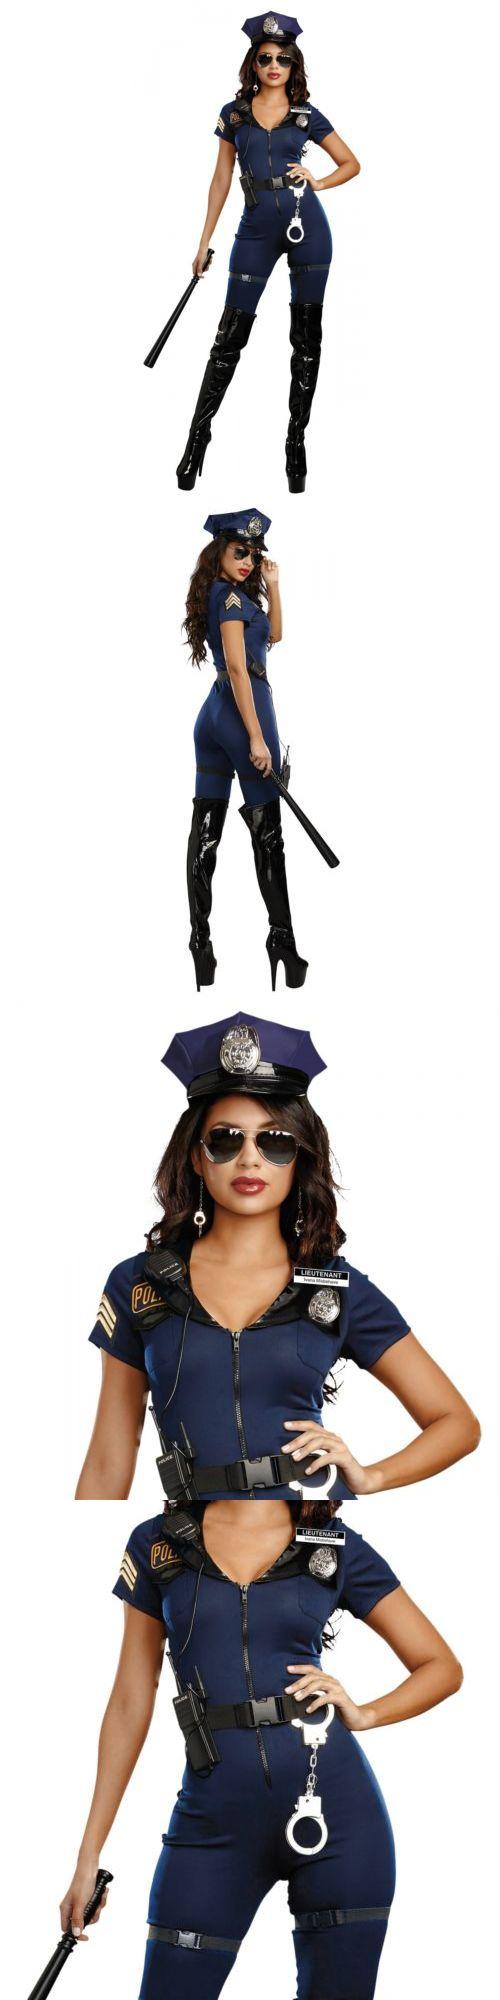 Women 53369: Cop Costume Adult Police Woman Halloween Fancy Dress -> BUY IT NOW ONLY: $44.19 on eBay!